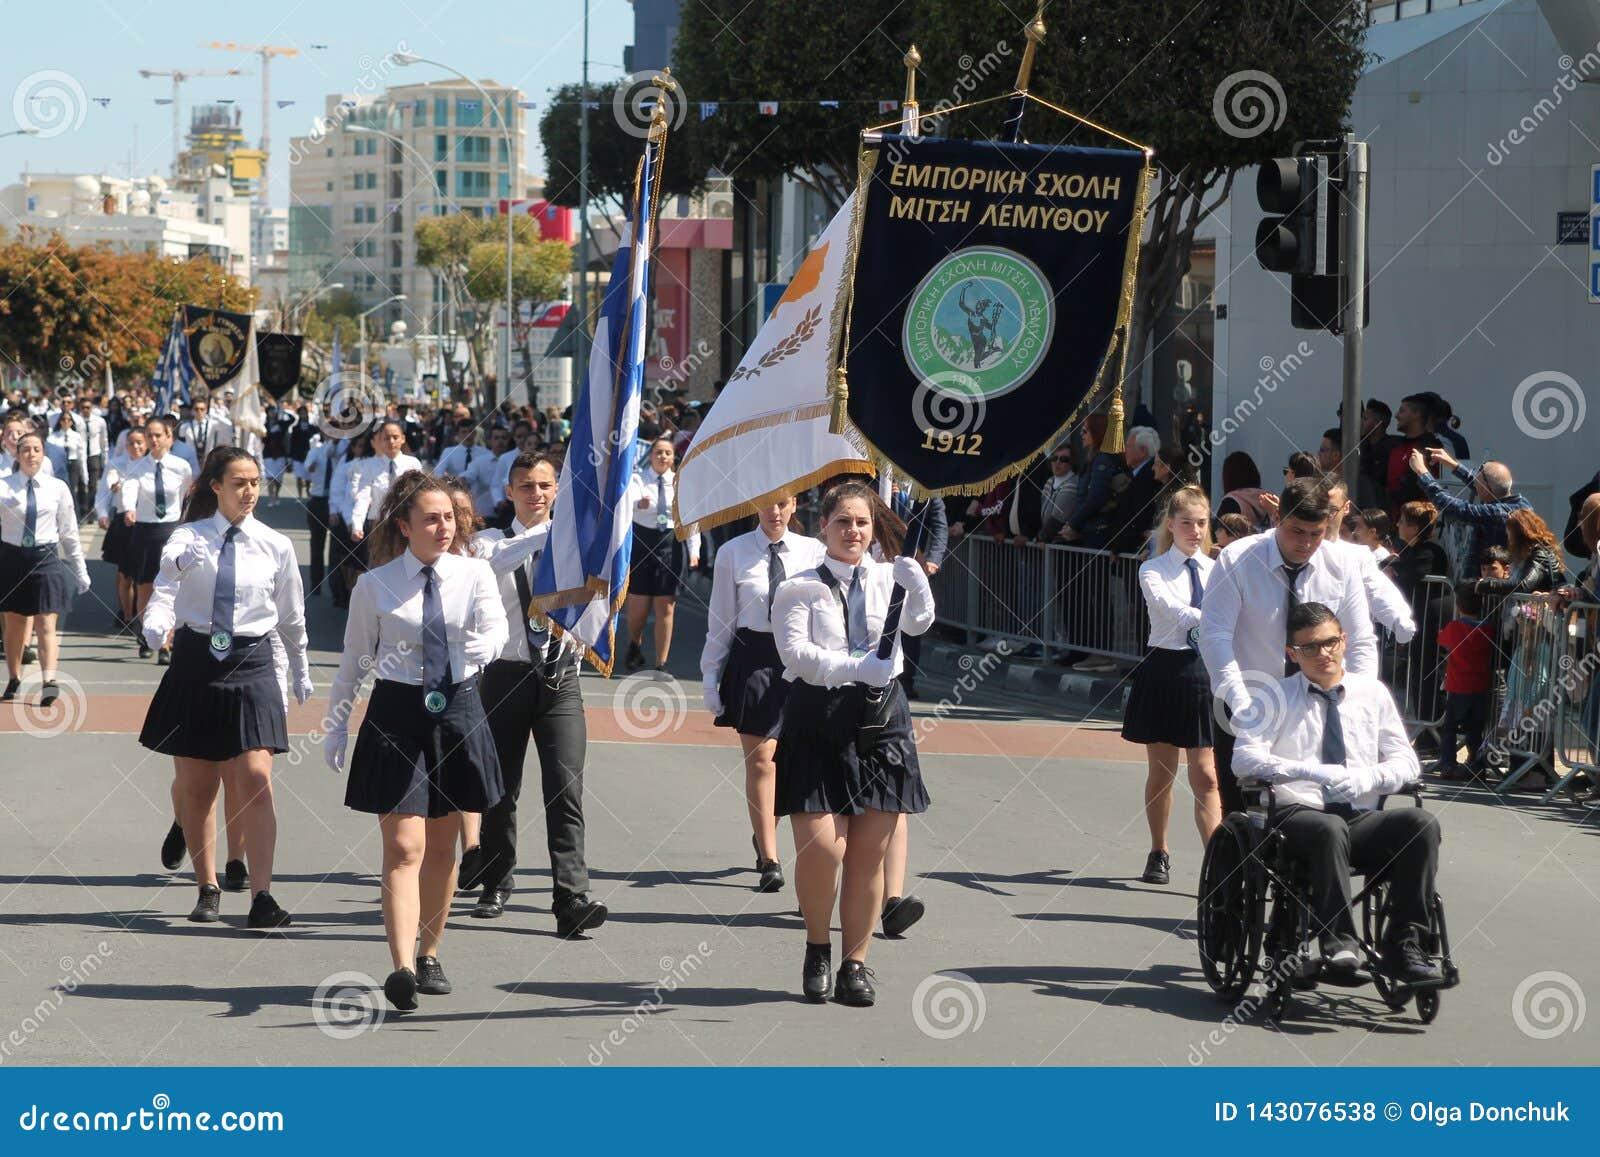 Dzieci w wieku szkolnym bierze udział w paradzie